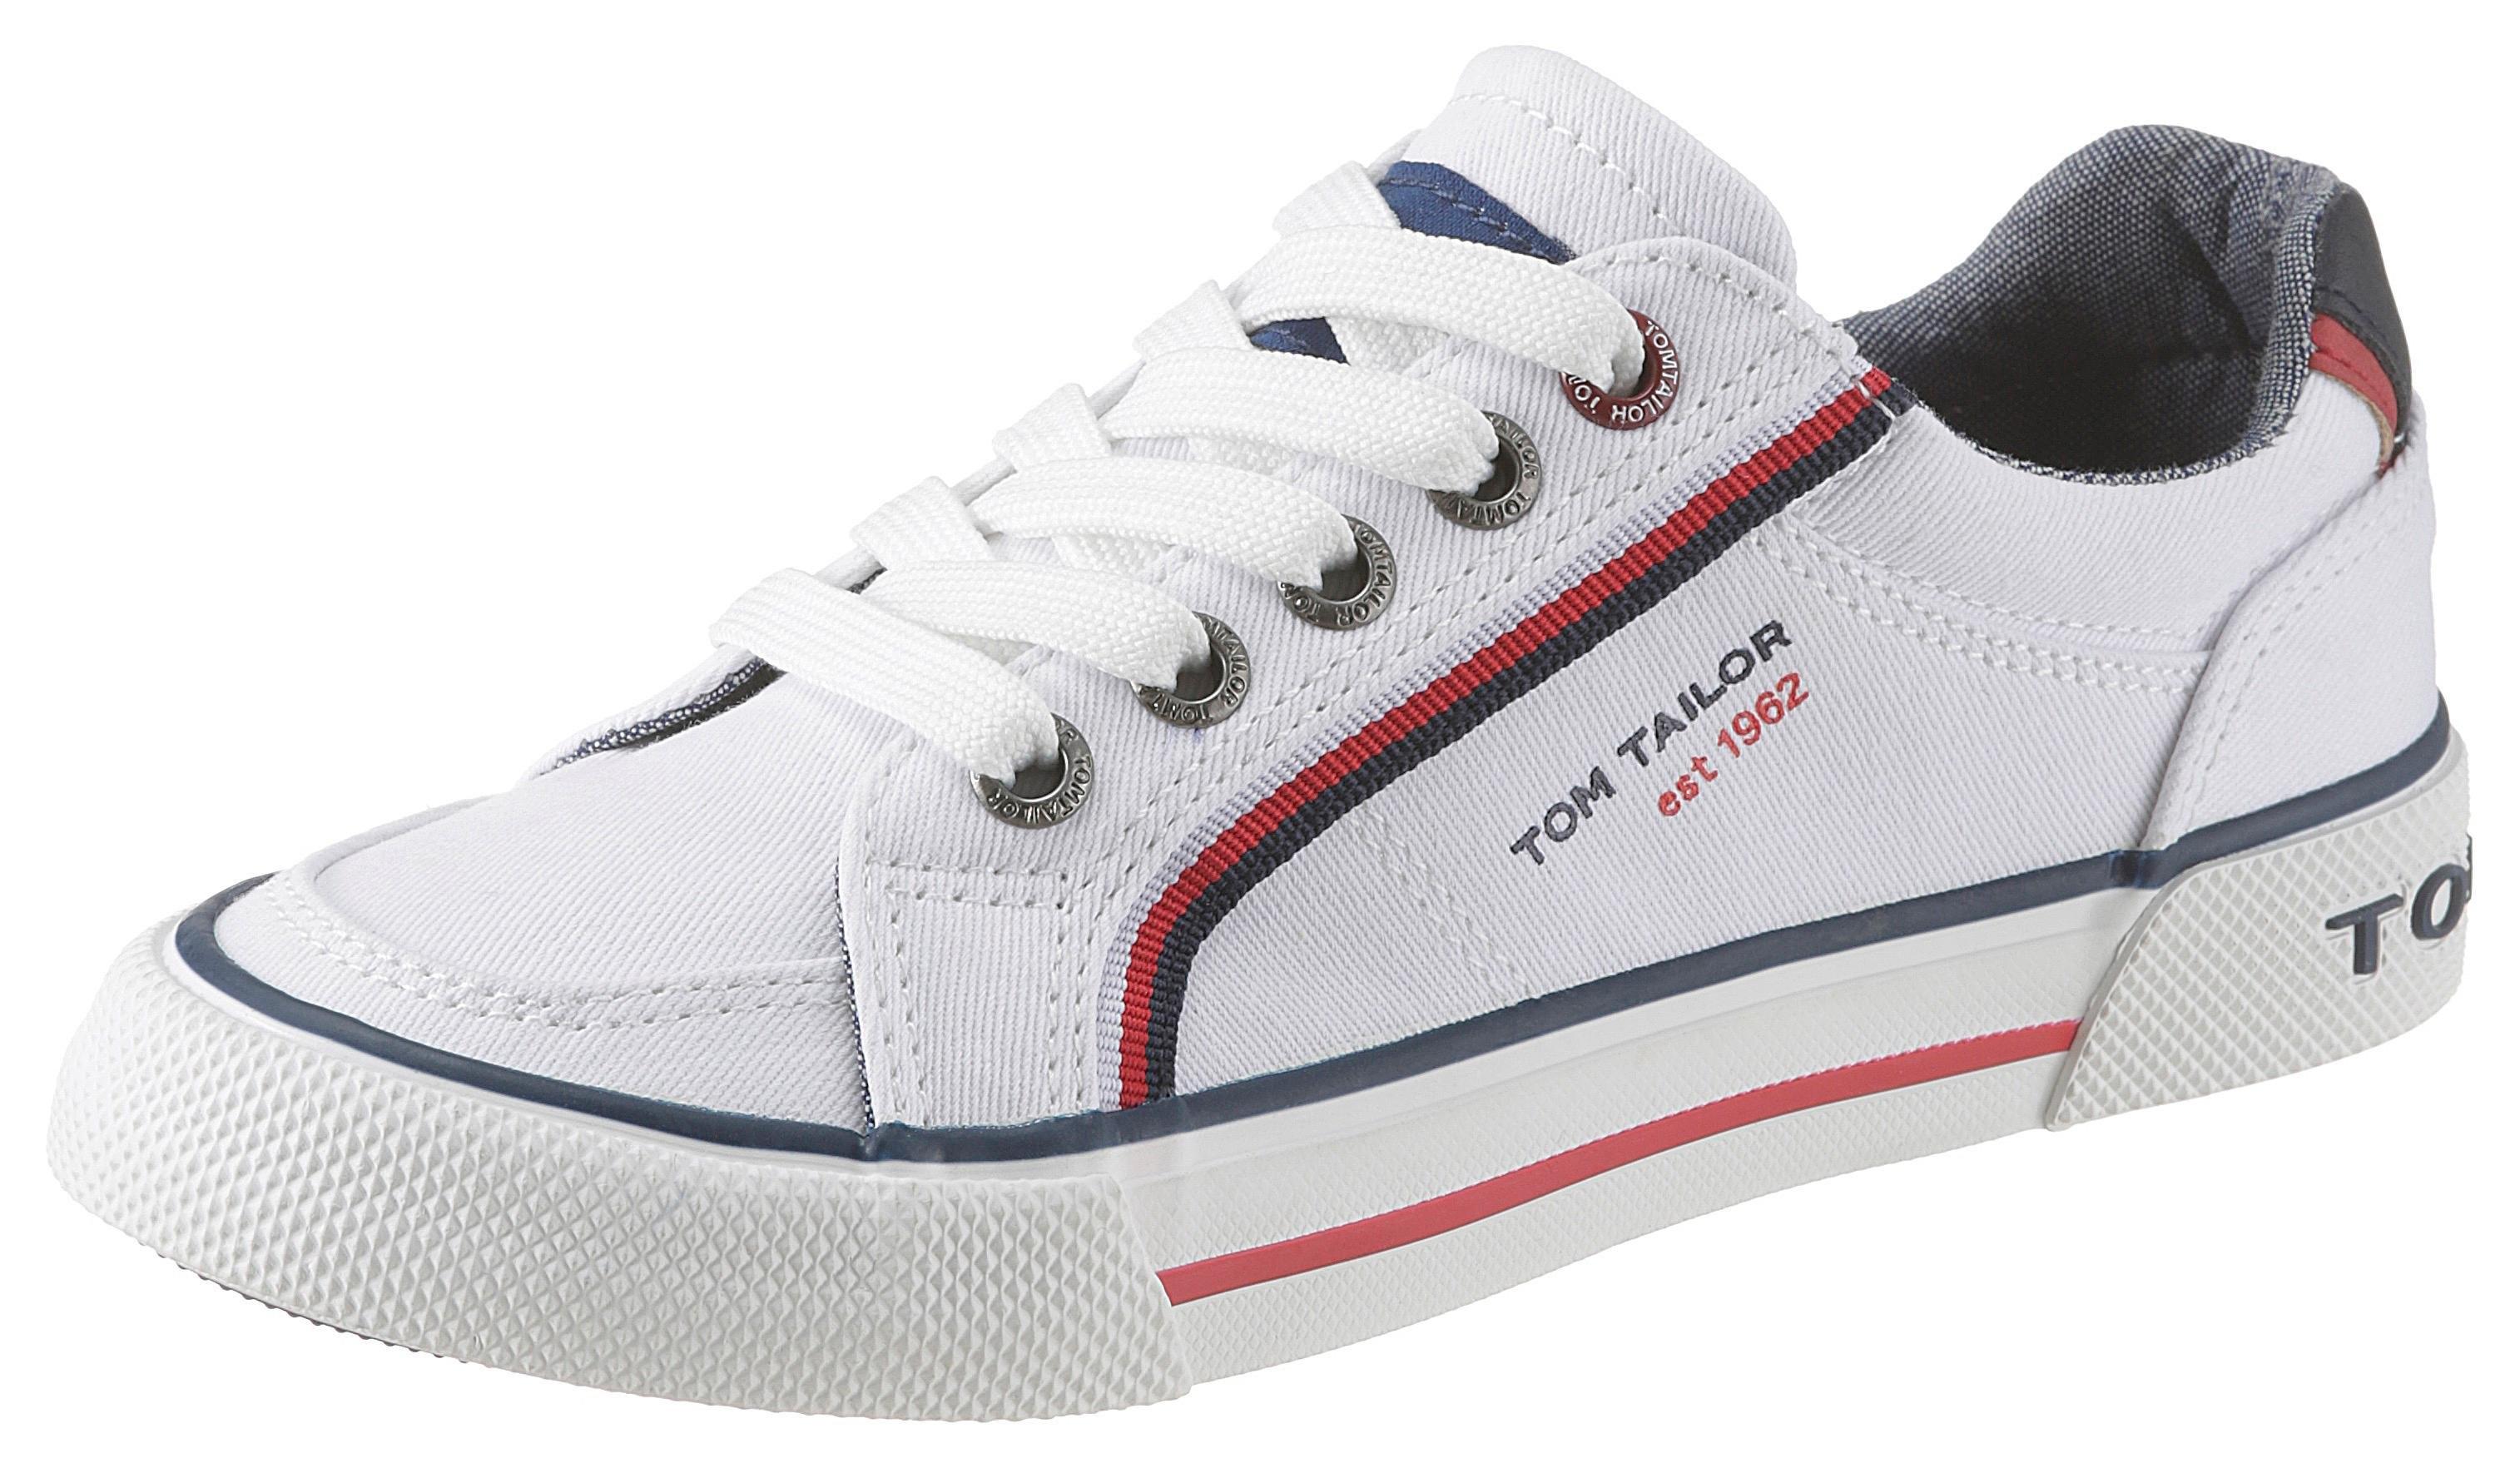 TOM TAILOR sneakers online kopen op otto.nl